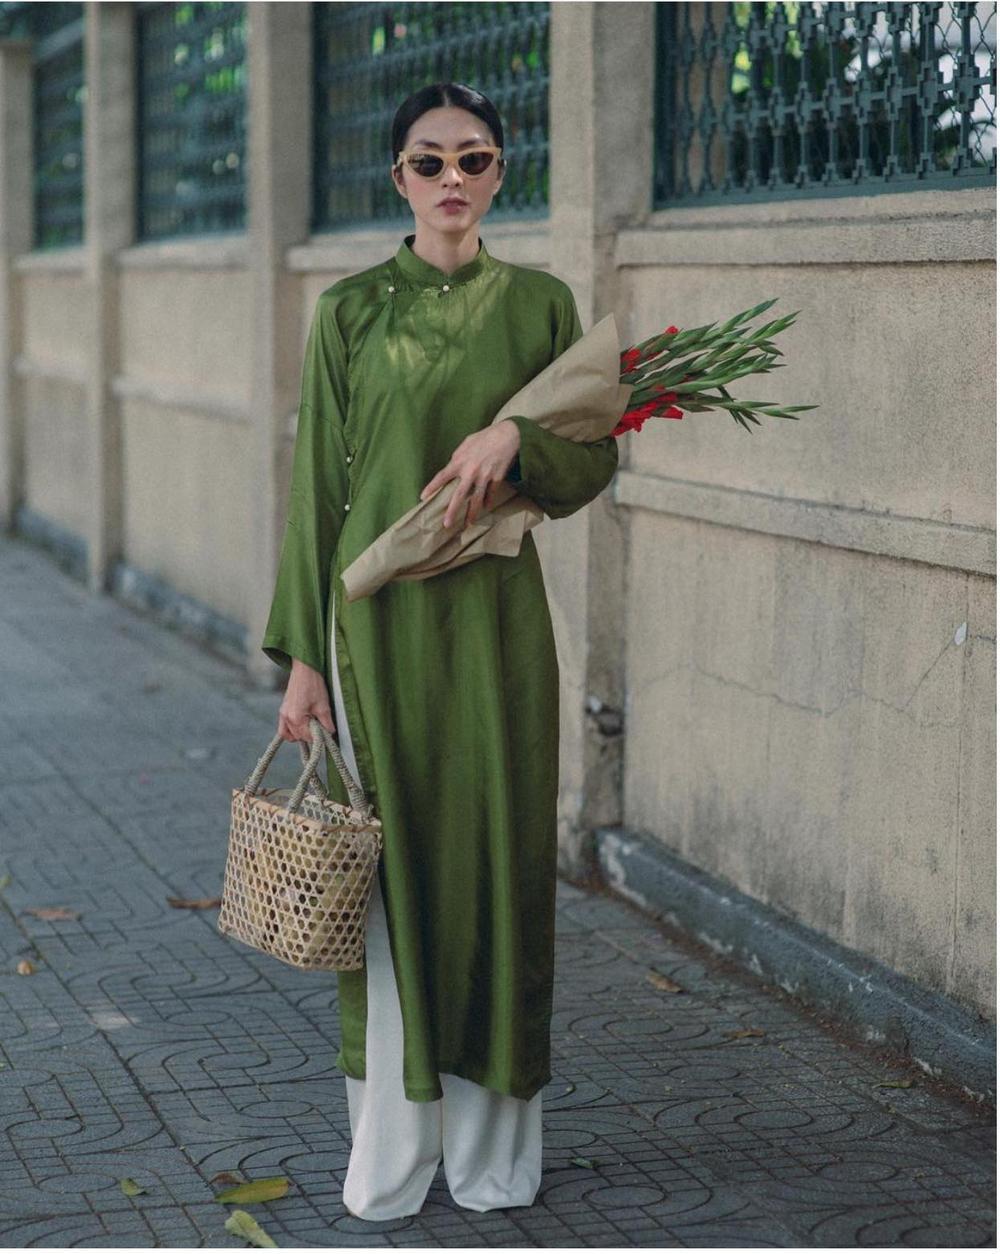 Nao lòng trước vẻ đẹp của Tăng Thanh Hà khi mặc áo dài Sài Gòn xưa Ảnh 2